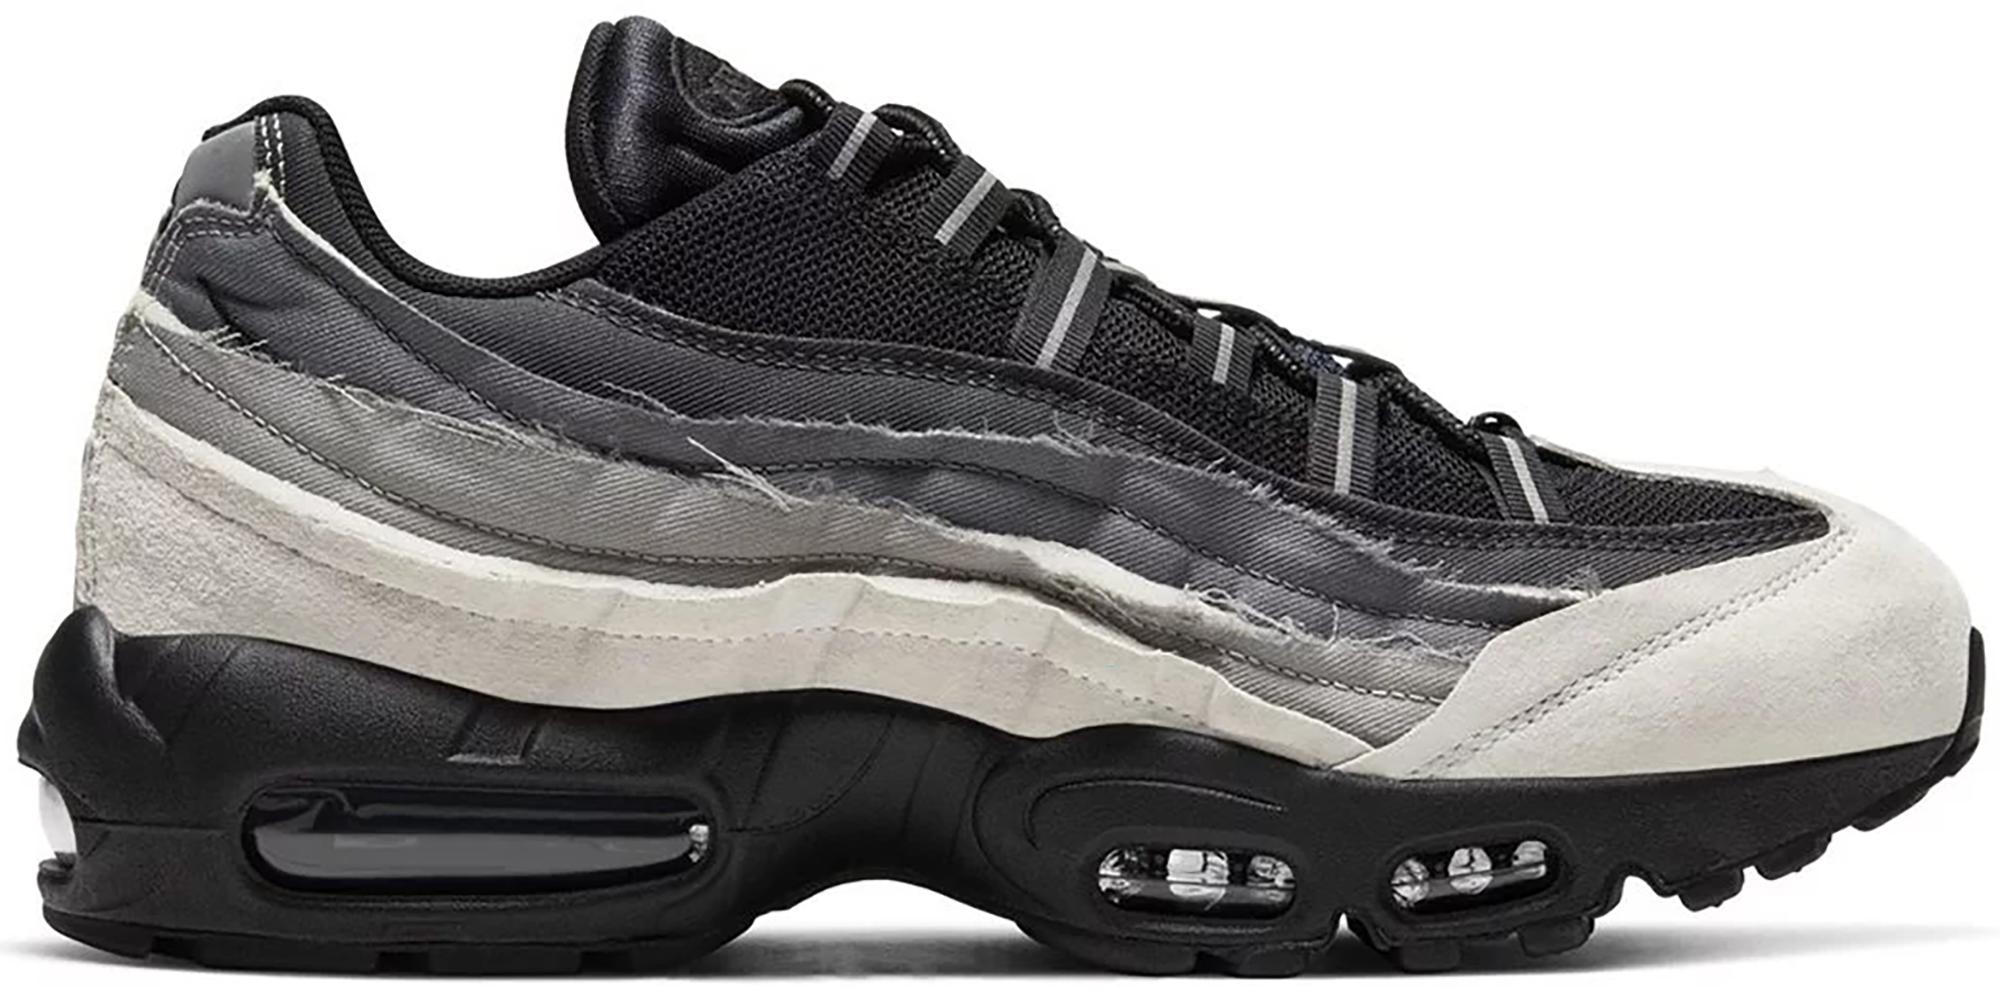 air max 95 all black